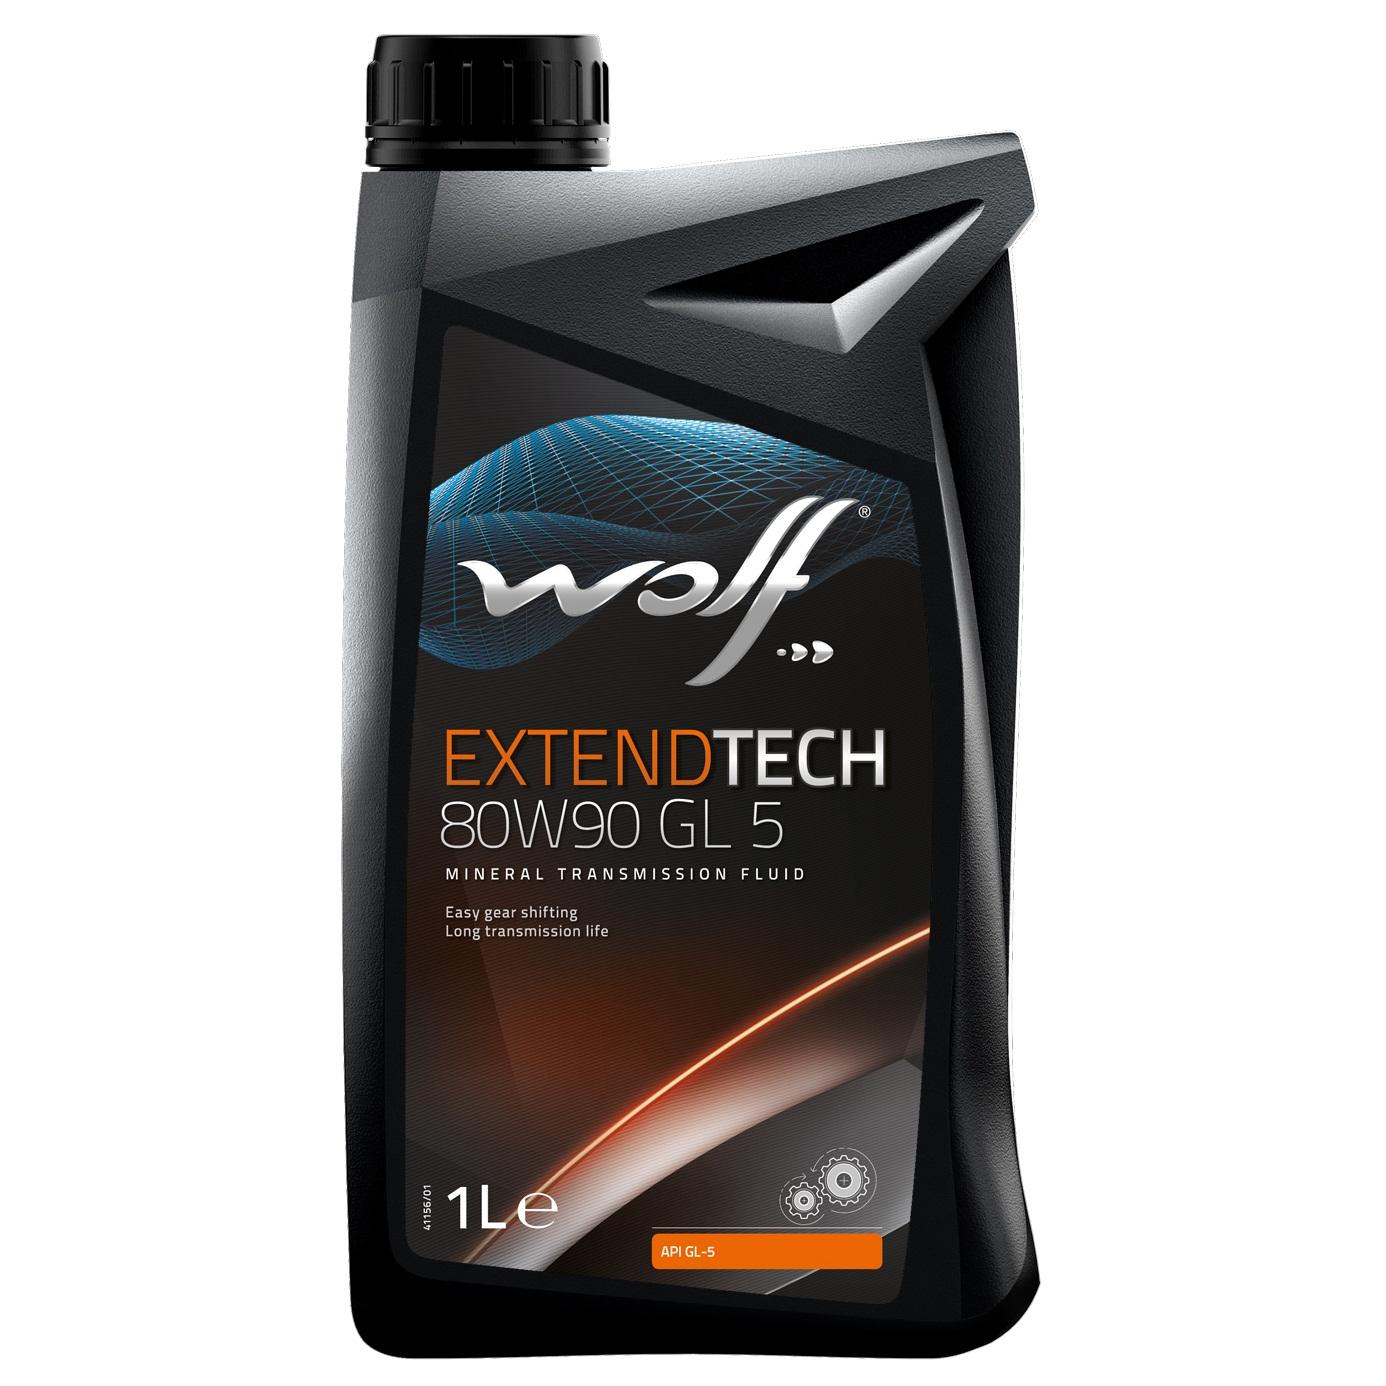 Ulei pentru cutie viteze manuala Wolf Extendtech GL 5 80W90 1L